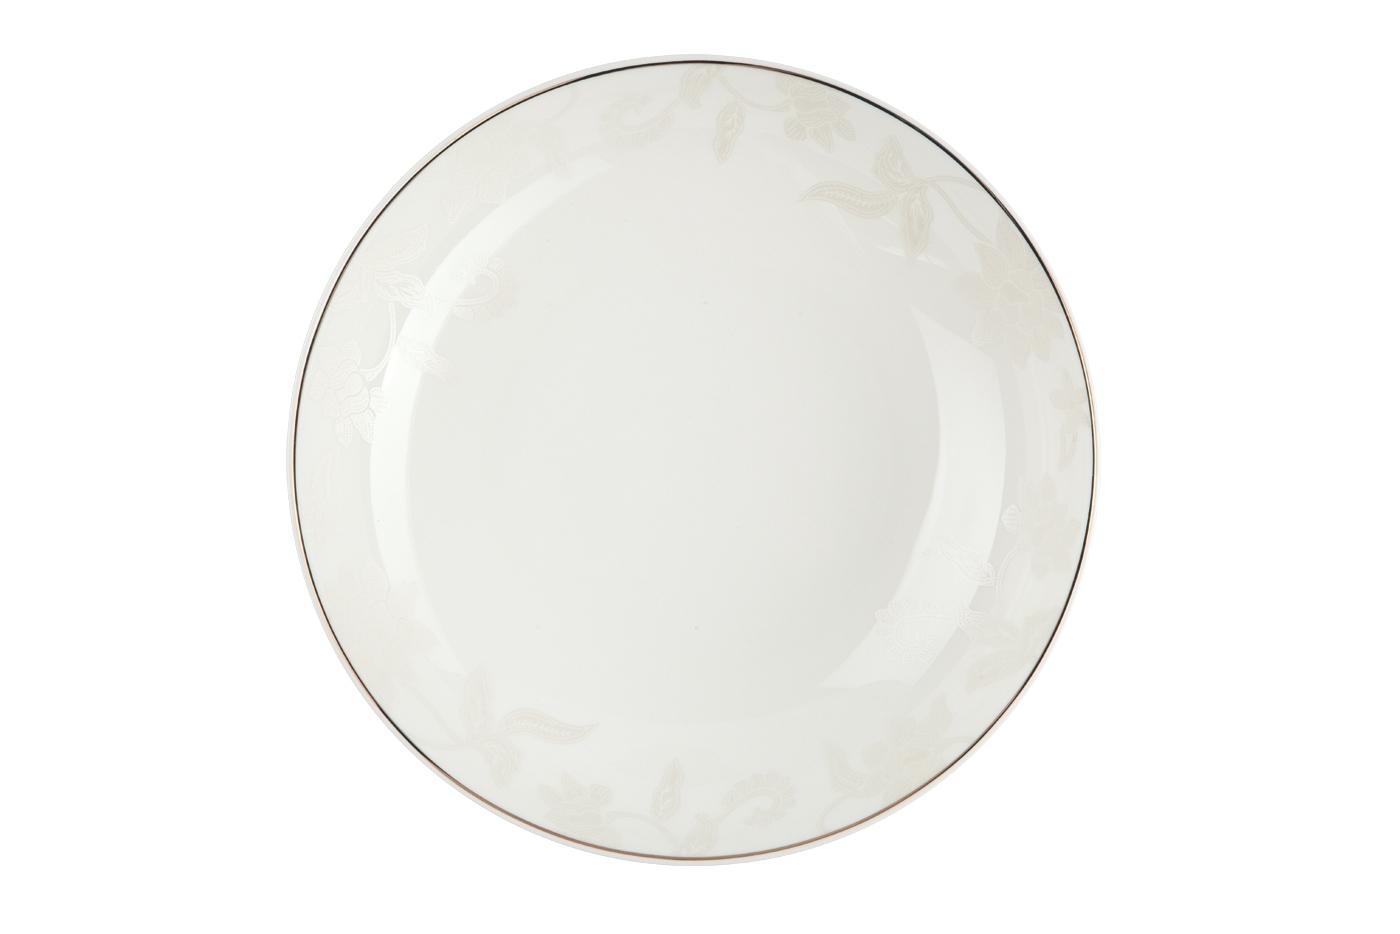 Набор из 6 тарелок суповых Royal Aurel Белый лотос (20см) арт.709Наборы тарелок<br>Набор из 6 тарелок суповых Royal Aurel Белый лотос (20см) арт.709<br>Производить посуду из фарфора начали в Китае на стыке 6-7 веков. Неустанно совершенствуя и селективно отбирая сырье для производства посуды из фарфора, мастерам удалось добиться выдающихся характеристик фарфора: белизны и тонкостенности. В XV веке появился особый интерес к китайской фарфоровой посуде, так как в это время Европе возникла мода на самобытные китайские вещи. Роскошный китайский фарфор являлся изыском и был в новинку, поэтому он выступал в качестве подарка королям, а также знатным людям. Такой дорогой подарок был очень престижен и по праву являлся элитной посудой. Как известно из многочисленных исторических документов, в Европе китайские изделия из фарфора ценились практически как золото. <br>Проверка изделий из костяного фарфора на подлинность <br>По сравнению с производством других видов фарфора процесс производства изделий из настоящего костяного фарфора сложен и весьма длителен. Посуда из изящного фарфора - это элитная посуда, которая всегда ассоциируется с богатством, величием и благородством. Несмотря на небольшую толщину, фарфоровая посуда - это очень прочное изделие. Для демонстрации плотности и прочности фарфора можно легко коснуться предметов посуды из фарфора деревянной палочкой, и тогда мы услушим характерный металлический звон. В составе фарфоровой посуды присутствует костяная зола, благодаря чему она может быть намного тоньше (не более 2,5 мм) и легче твердого или мягкого фарфора. Безупречная белизна - ключевой признак отличия такого фарфора от других. Цвет обычного фарфора сероватый или ближе к голубоватому, а костяной фарфор будет всегда будет молочно-белого цвета. Характерная и немаловажная деталь - это невесомая прозрачность изделий из фарфора такая, что сквозь него проходит свет.<br>